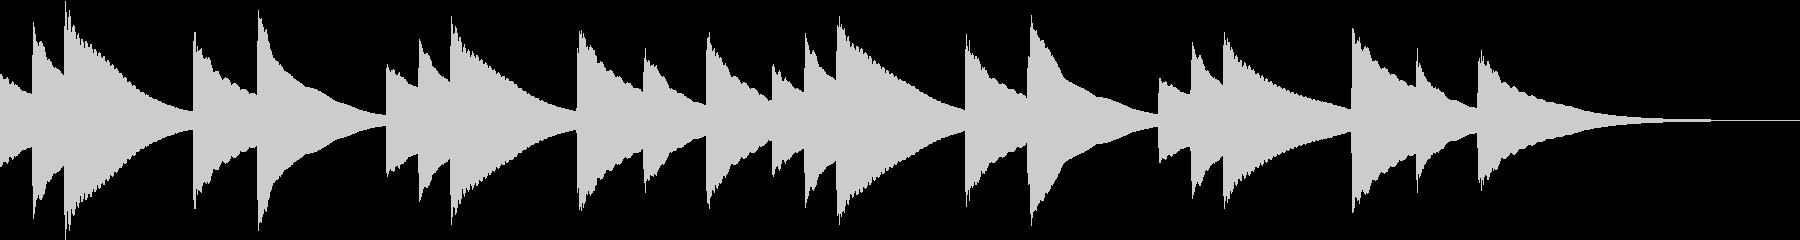 ゆったりとしたオルゴールの未再生の波形